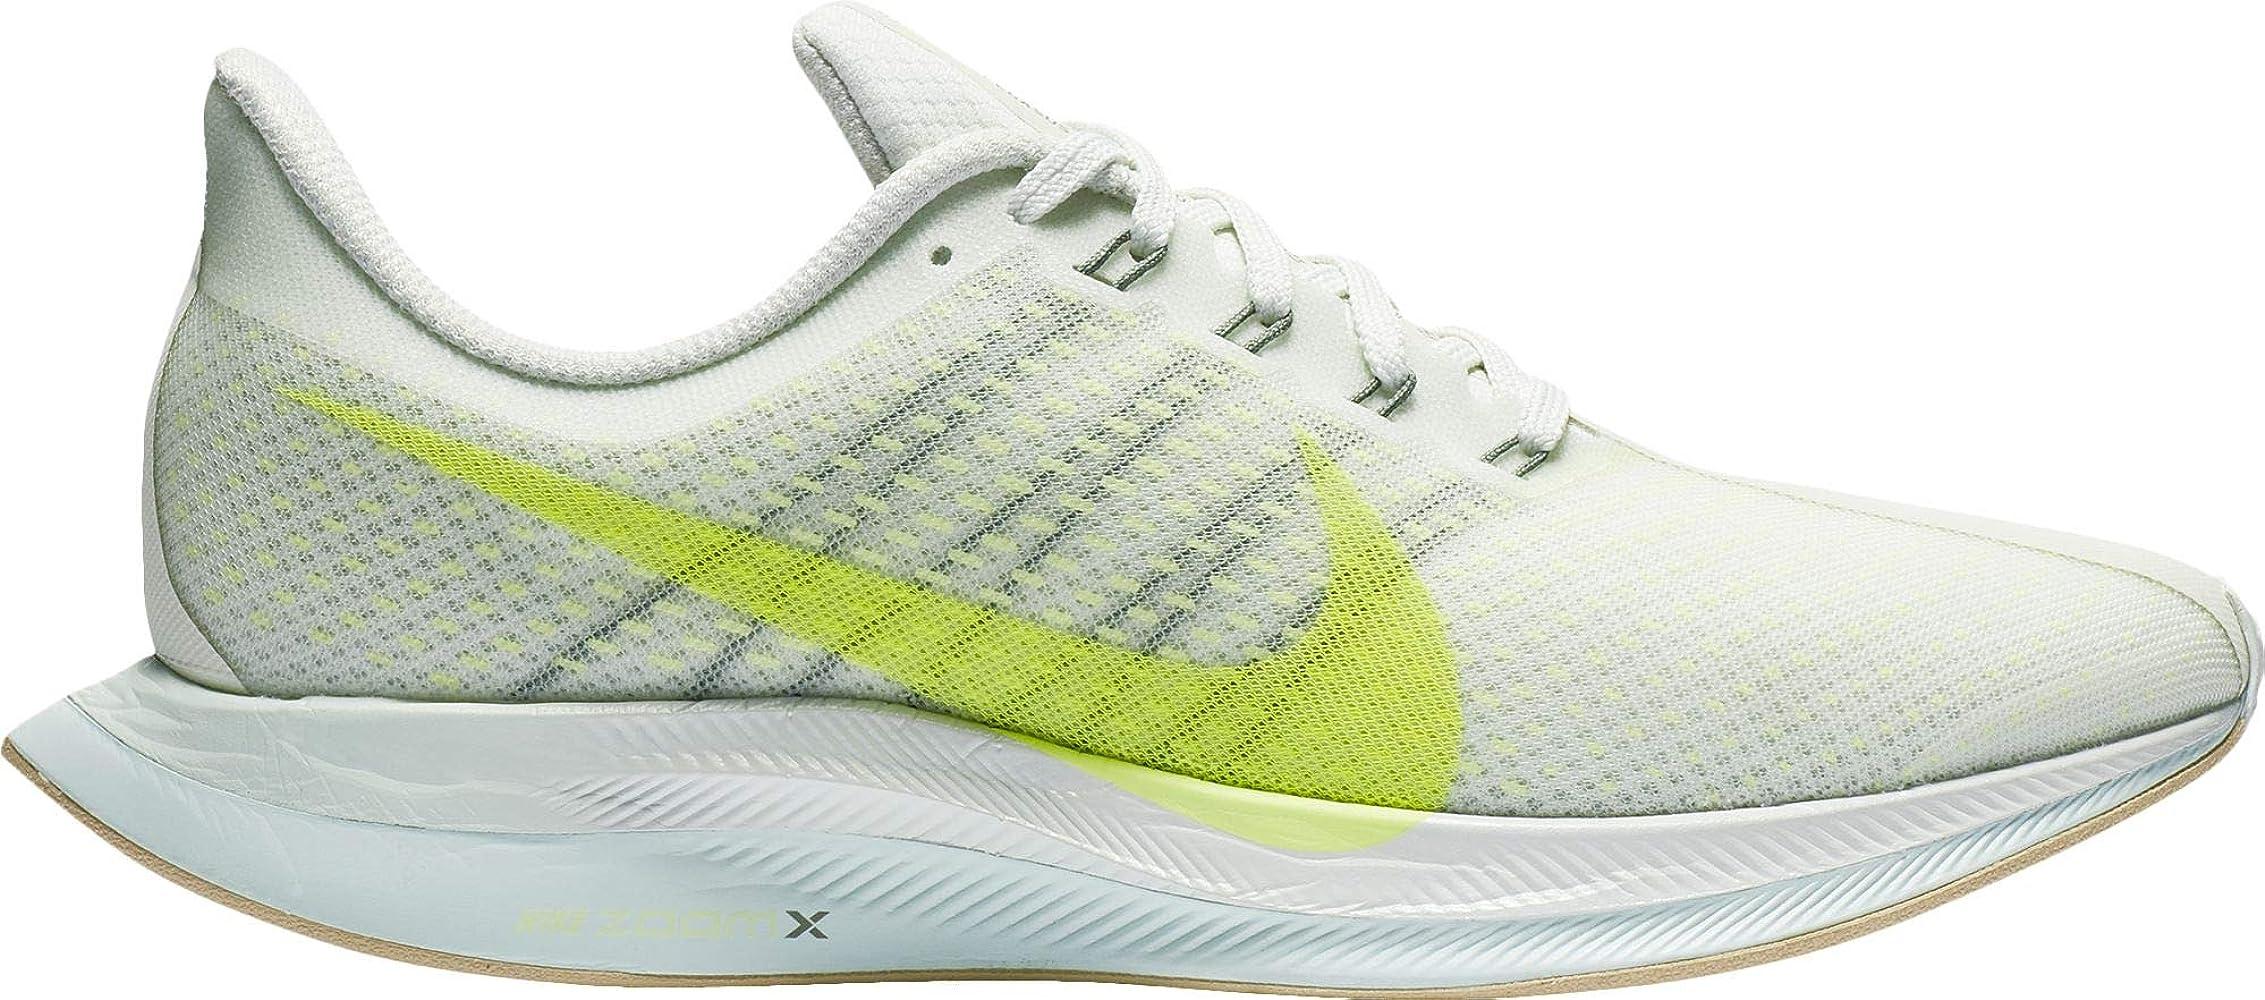 53fcde94accd8 Amazon.com: Nike Womens Zoom Pegasus 35 Turbo Womens Aj4115-003 Size ...